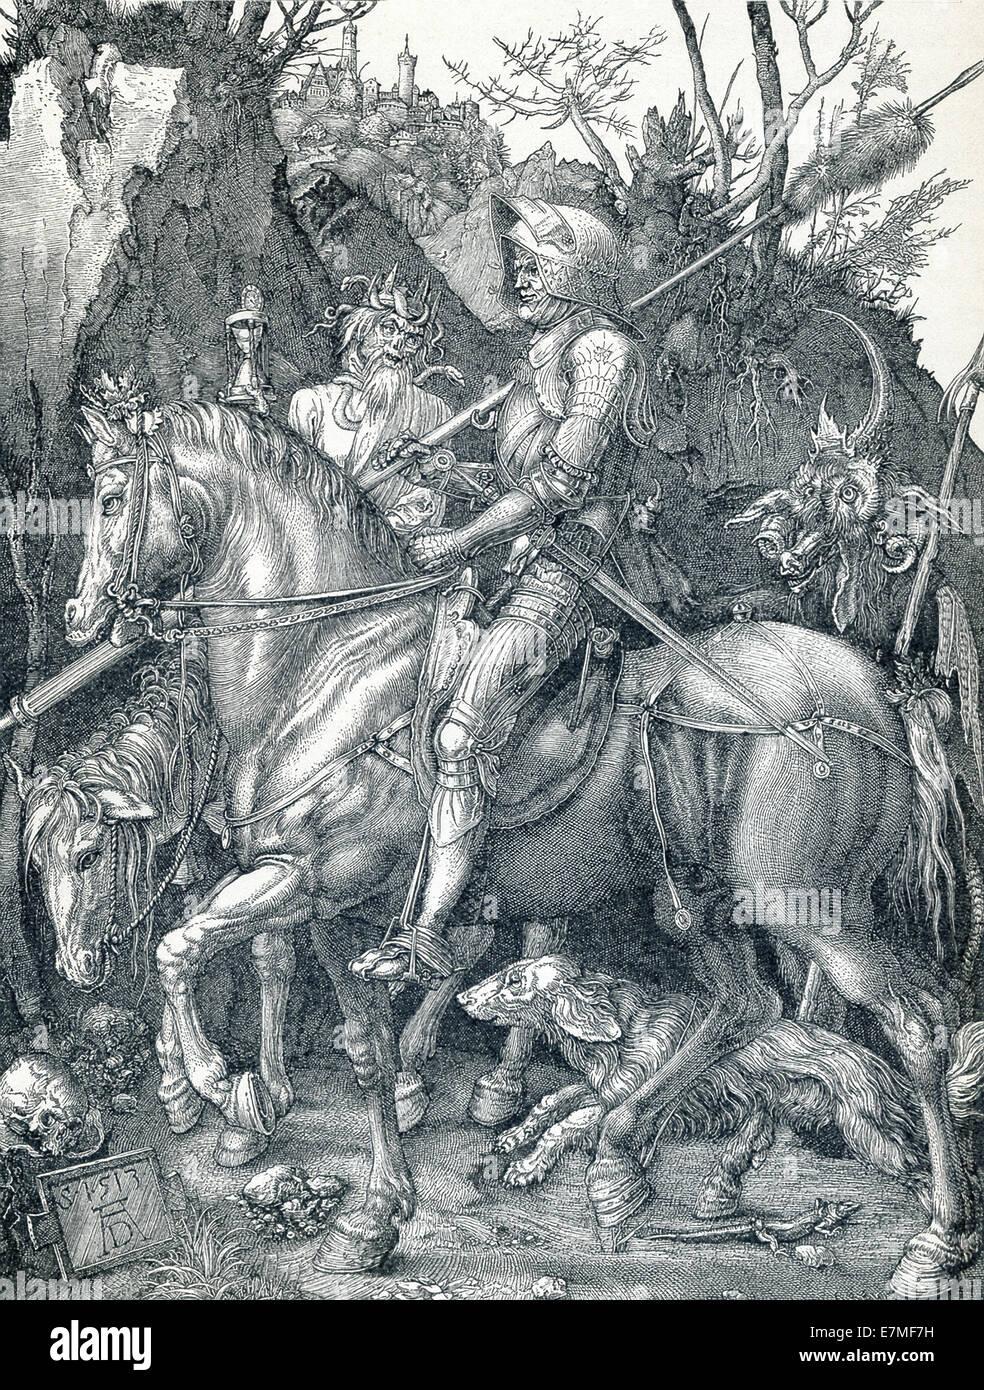 Dieser Holzschnitt aus dem 1513 von Durer Ritter, Tod und Teufel heißt. Durer nannten es The Knight. Stockbild